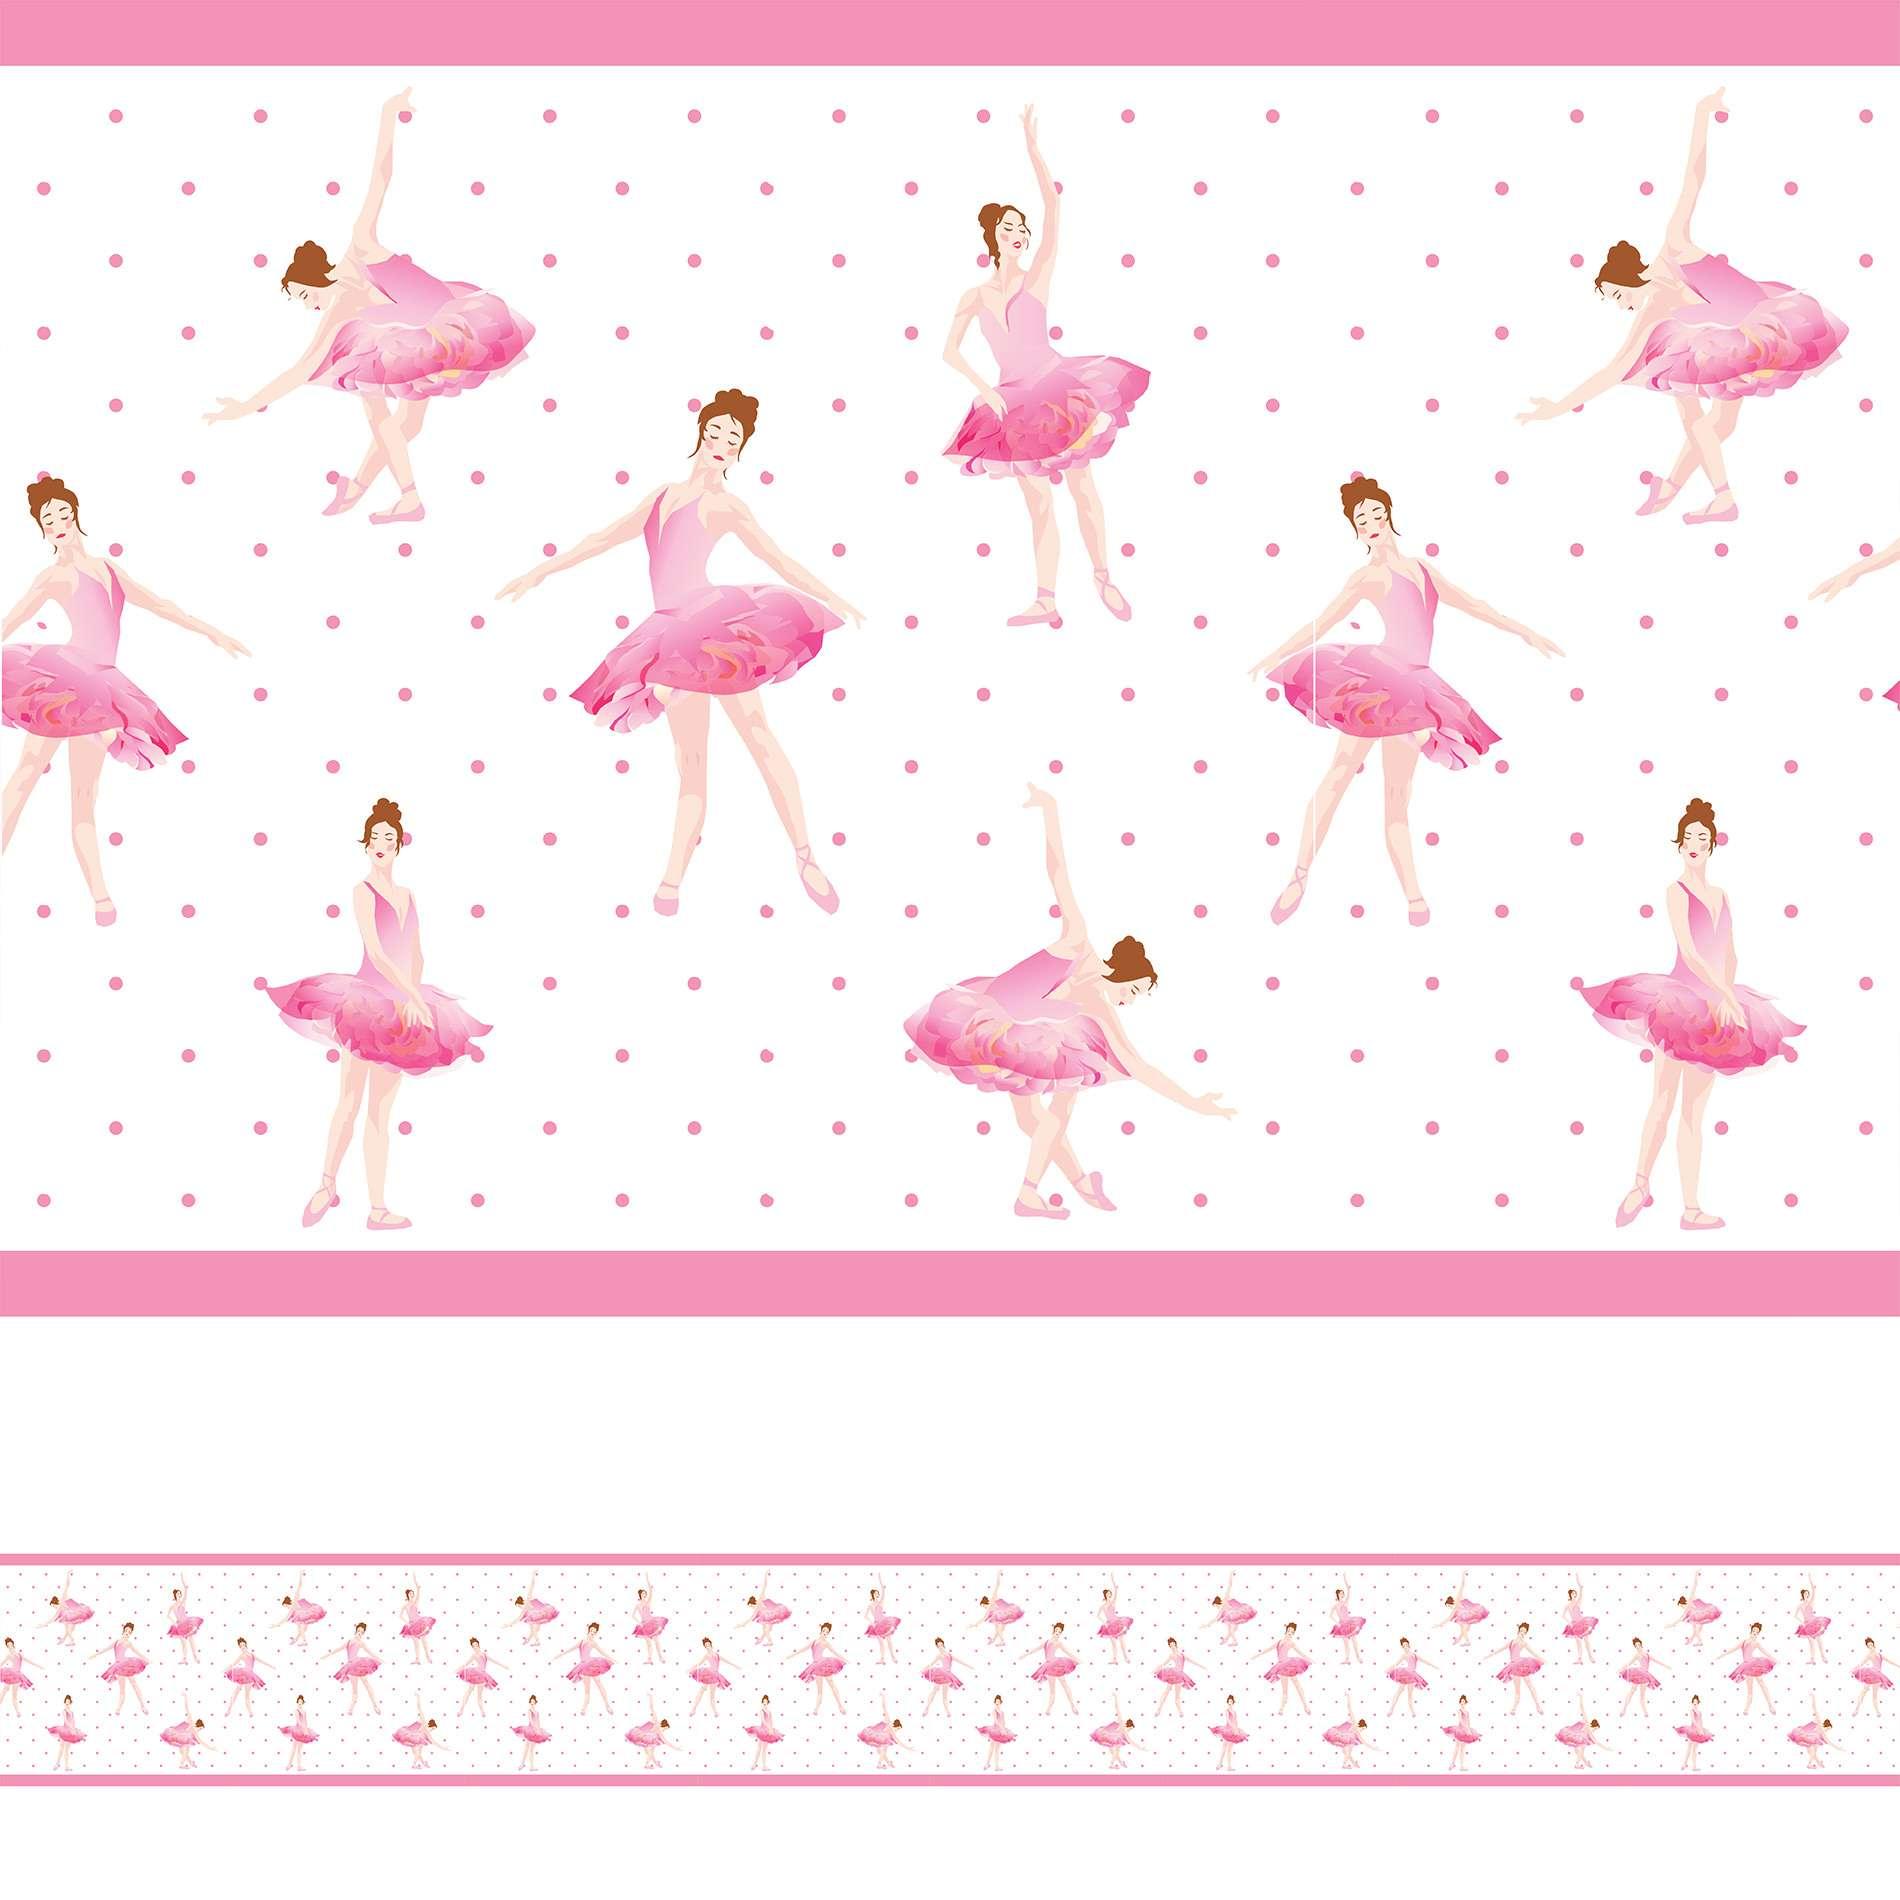 c0a19a5b0c Faixa Decorativa Adesiva Bailarina Infantil Rosa 6mx15cm